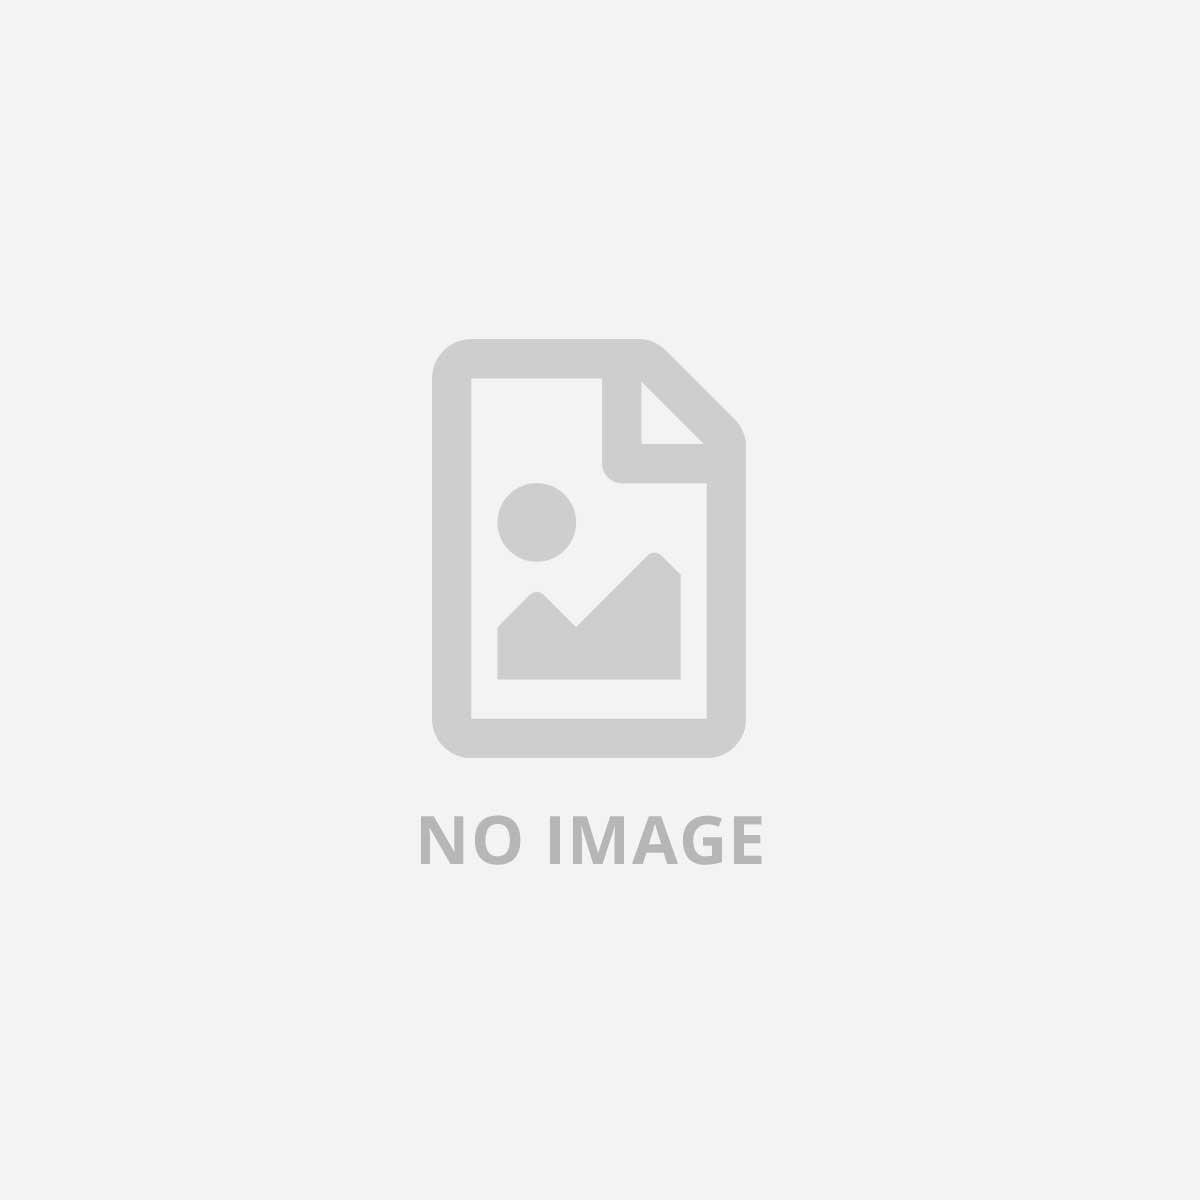 FUJIFILM INSTAX MINI 9 COBALT BLUE KIT 10